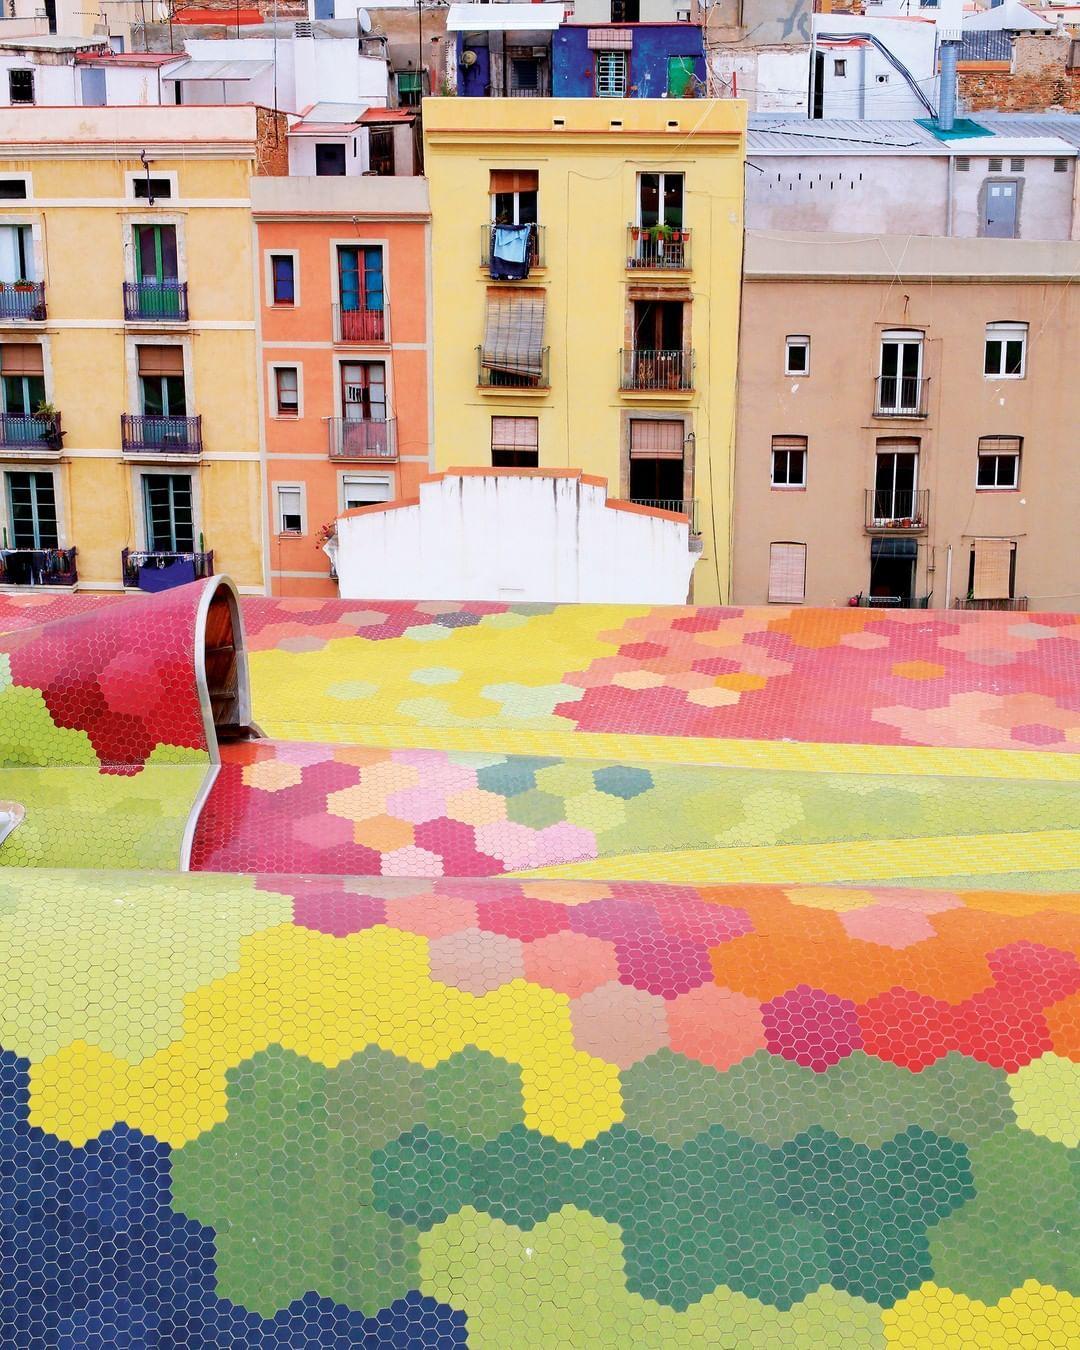 Ideat On Instagram Dans Le Quartier De La Ribera Le Marche Santa Caterina A Ete Renove En 2005 Par Les Architectes Enric In 2020 Typo Design Abstract Artwork Design